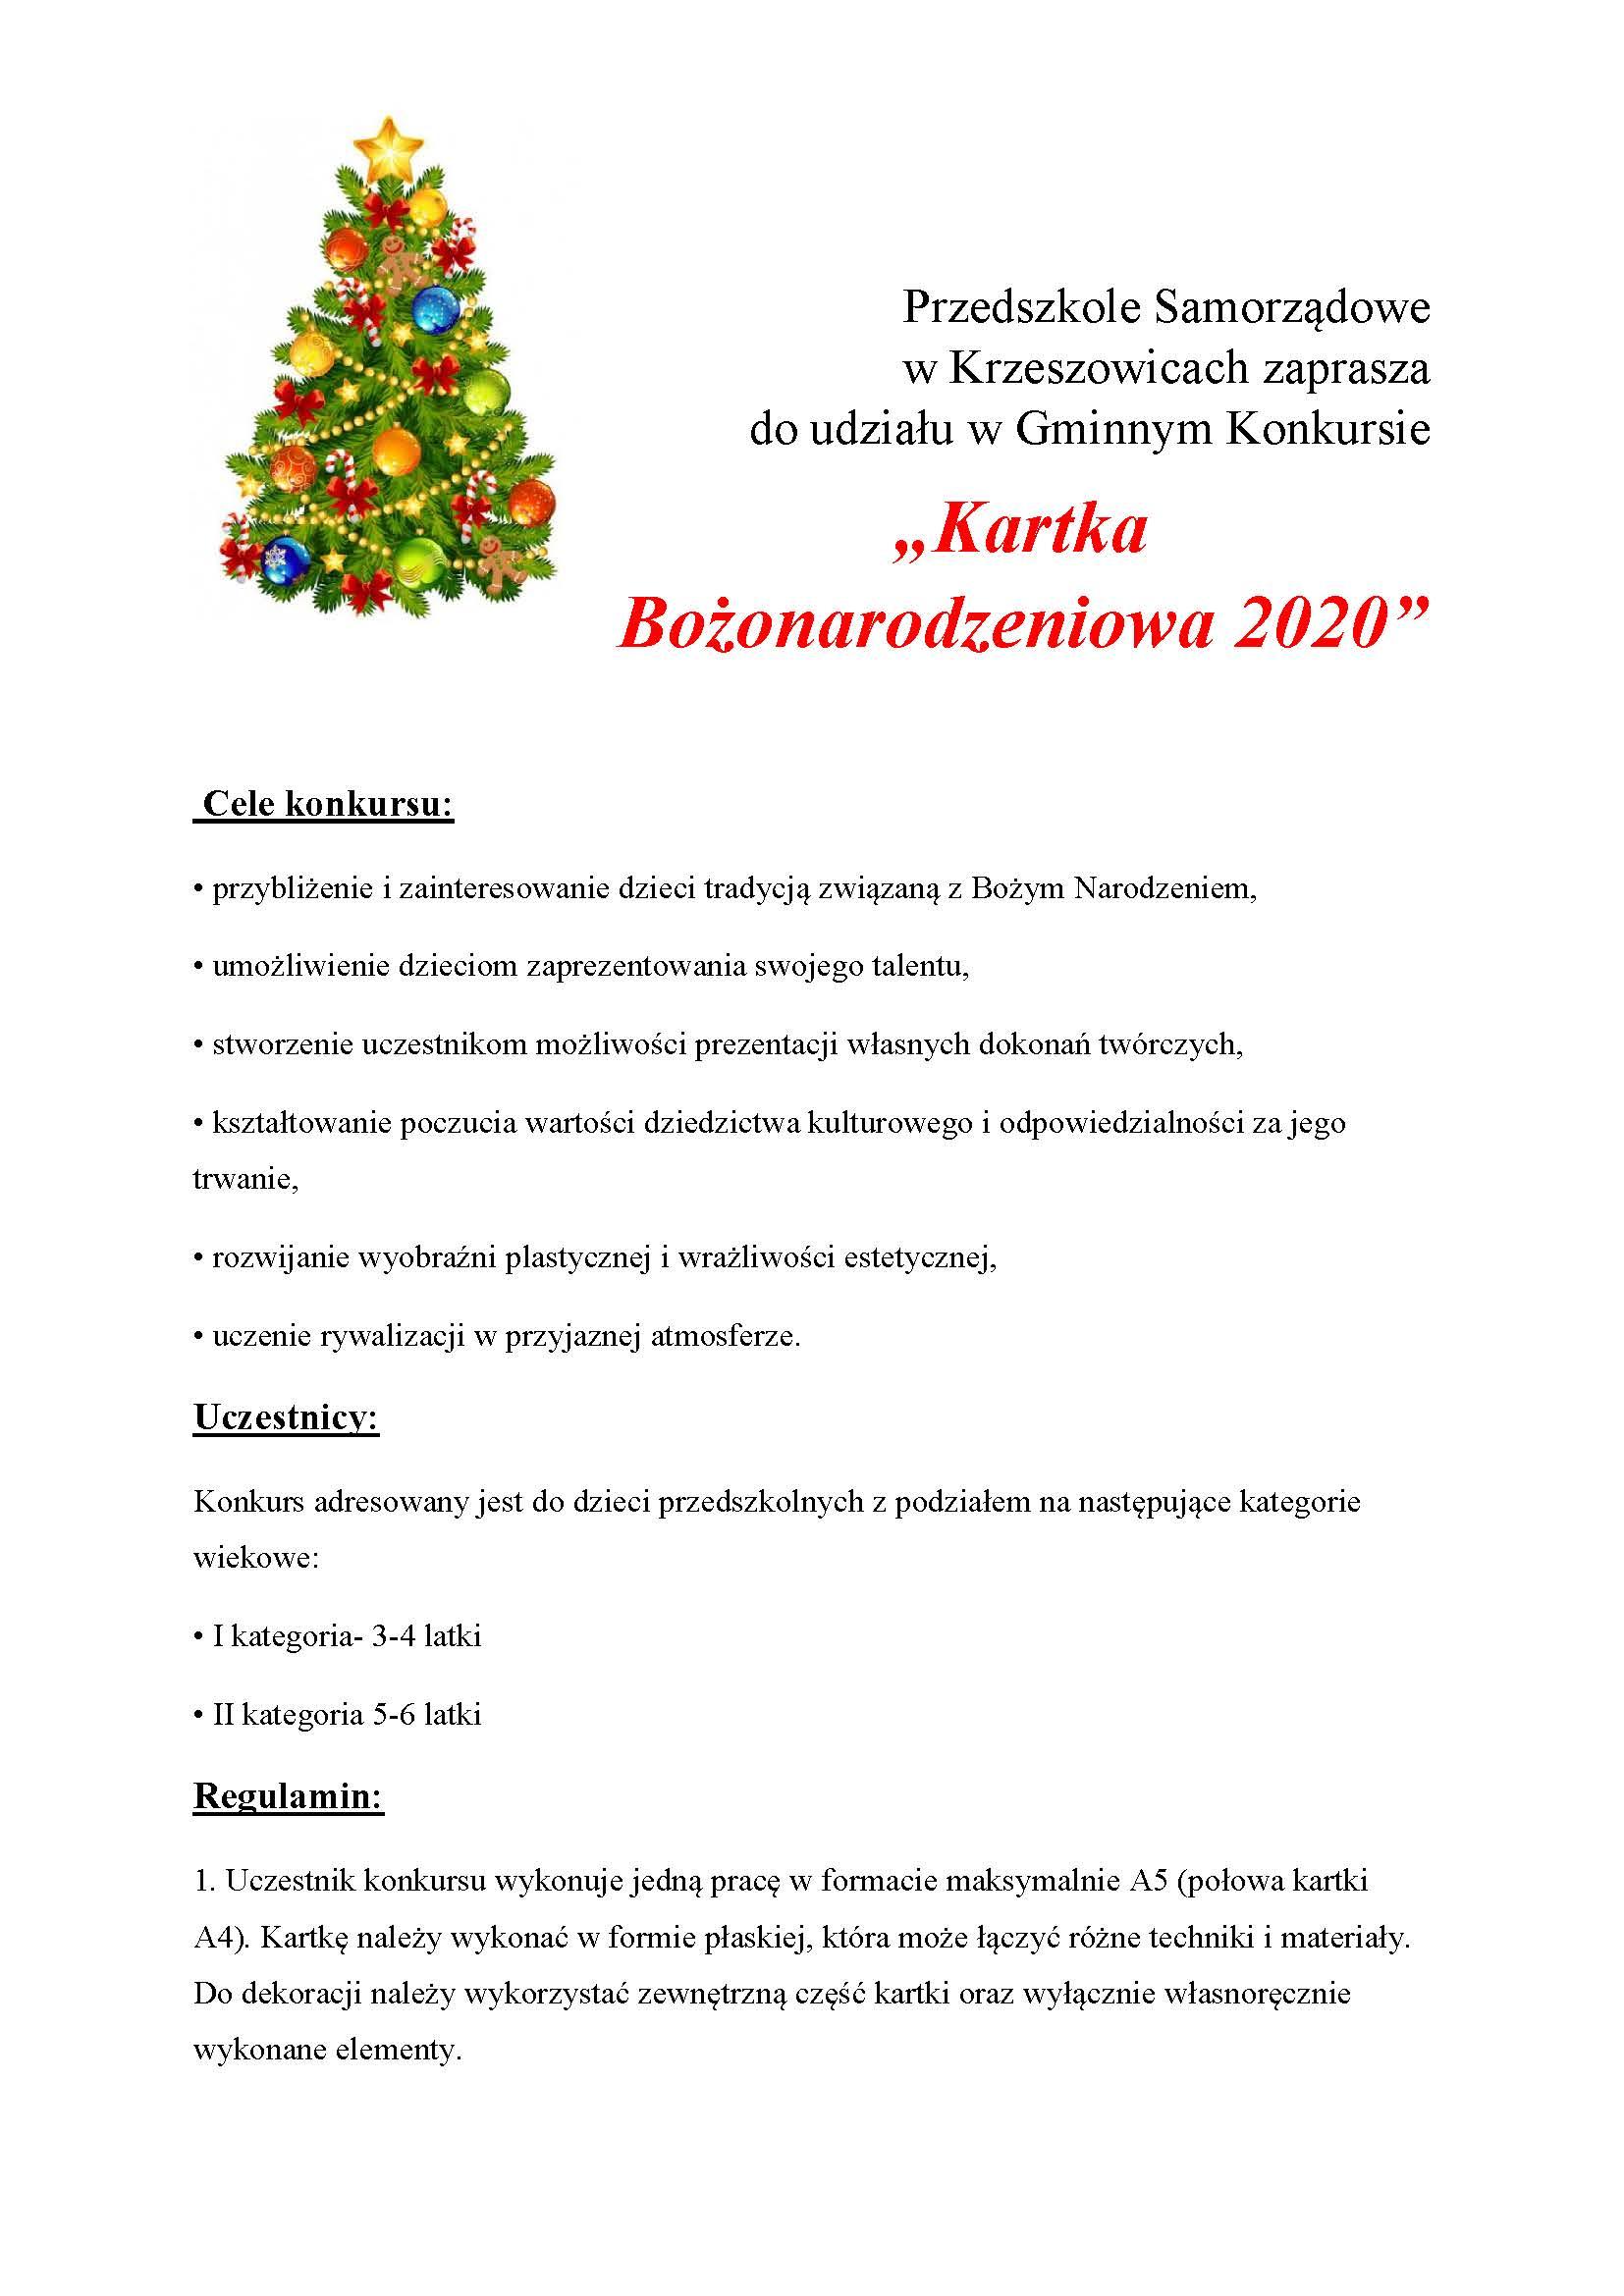 Konkurs Kartka Bożonarodzeniowa 2020